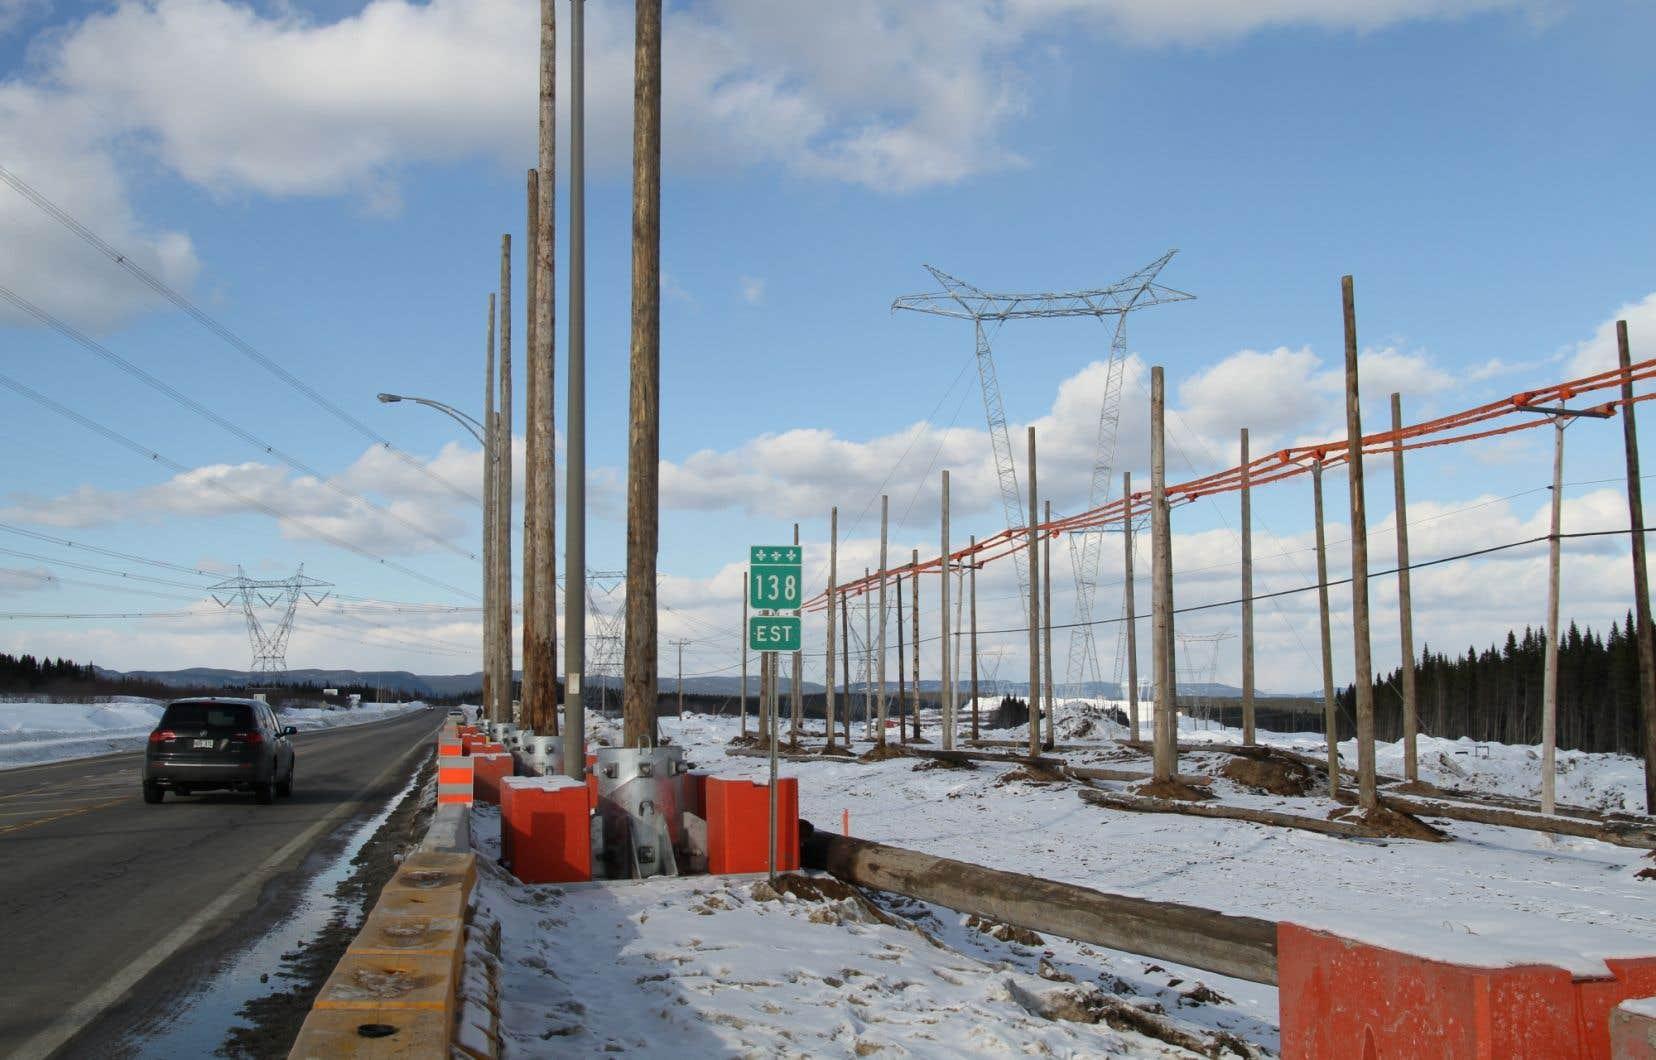 Si le projet de Mine Arnaud voit le jour, d'importantes lignes de transport d'Hydro-Québec pourraient être menacées. On voit ici celles qui transportent l'électricité provenant de Churchill Falls (sur la gauche) et celles qui serviront à acheminer l'électricité du complexe de la Romaine (sur la droite), actuellement en chantier.